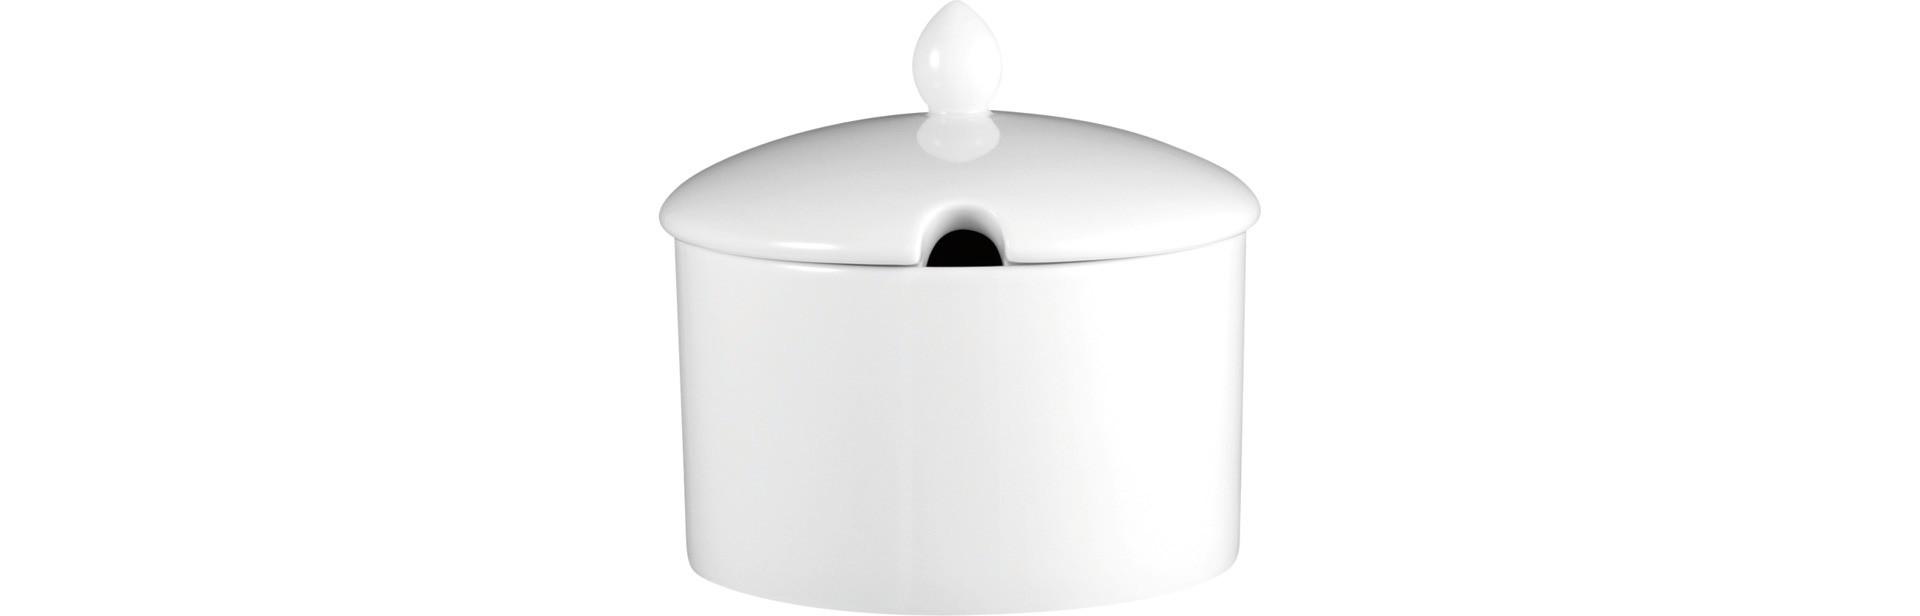 Buffet Gourmet, Frischedose komplett ø 195 mm / 2,00 l